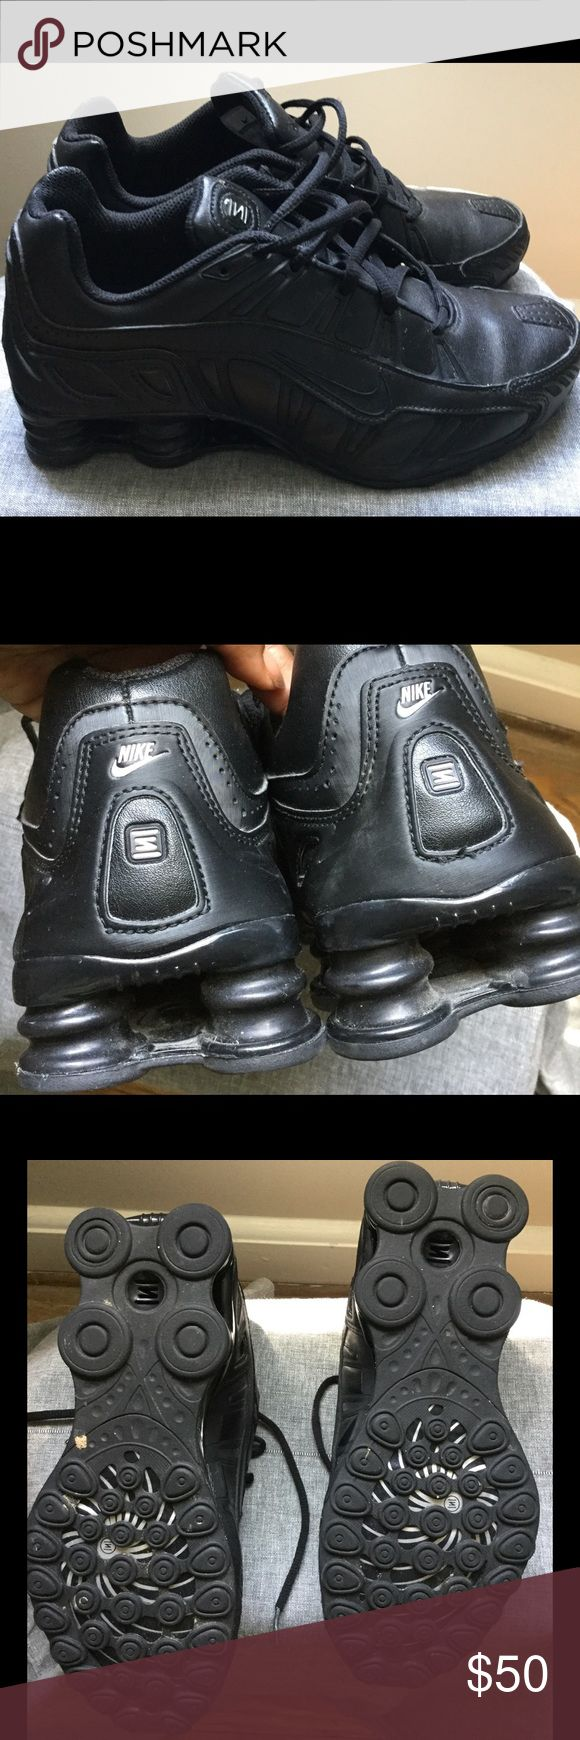 All Black Nike Shox Barely worn Nike Shox in black on black Nike Shoes Athletic Shoes